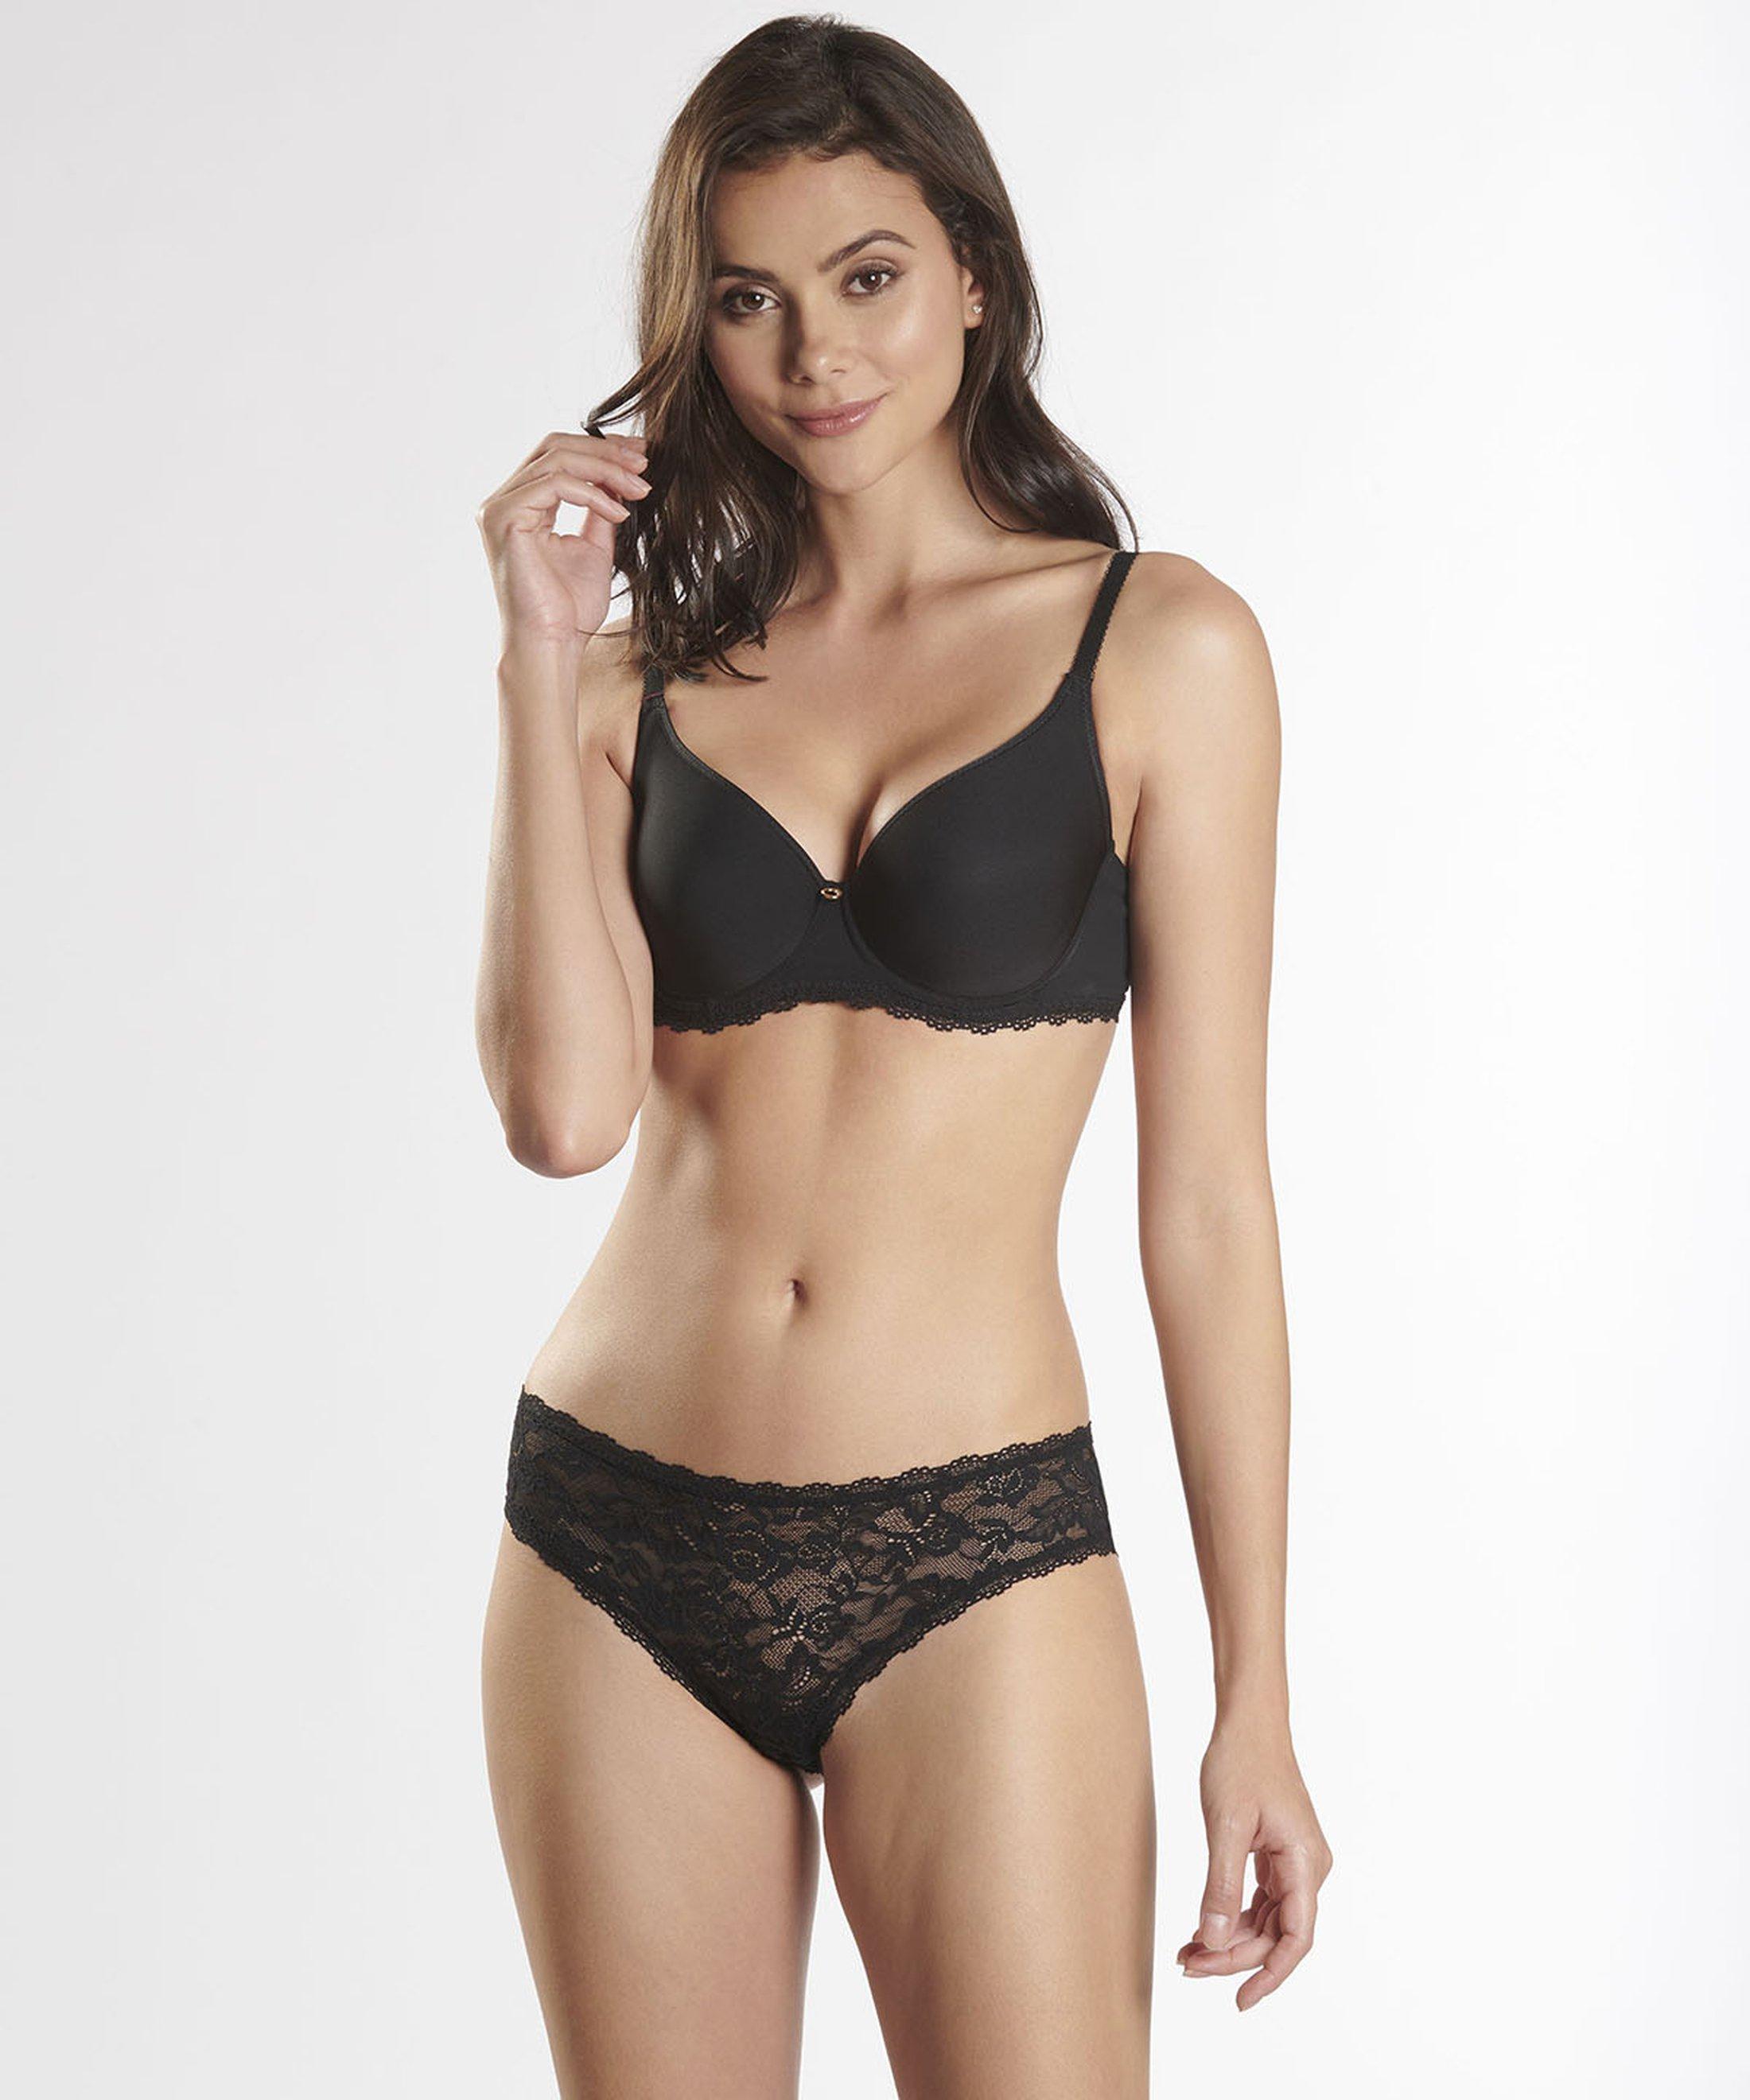 LYSESSENCE Soutien-gorge T-shirt bra Noir | Aubade